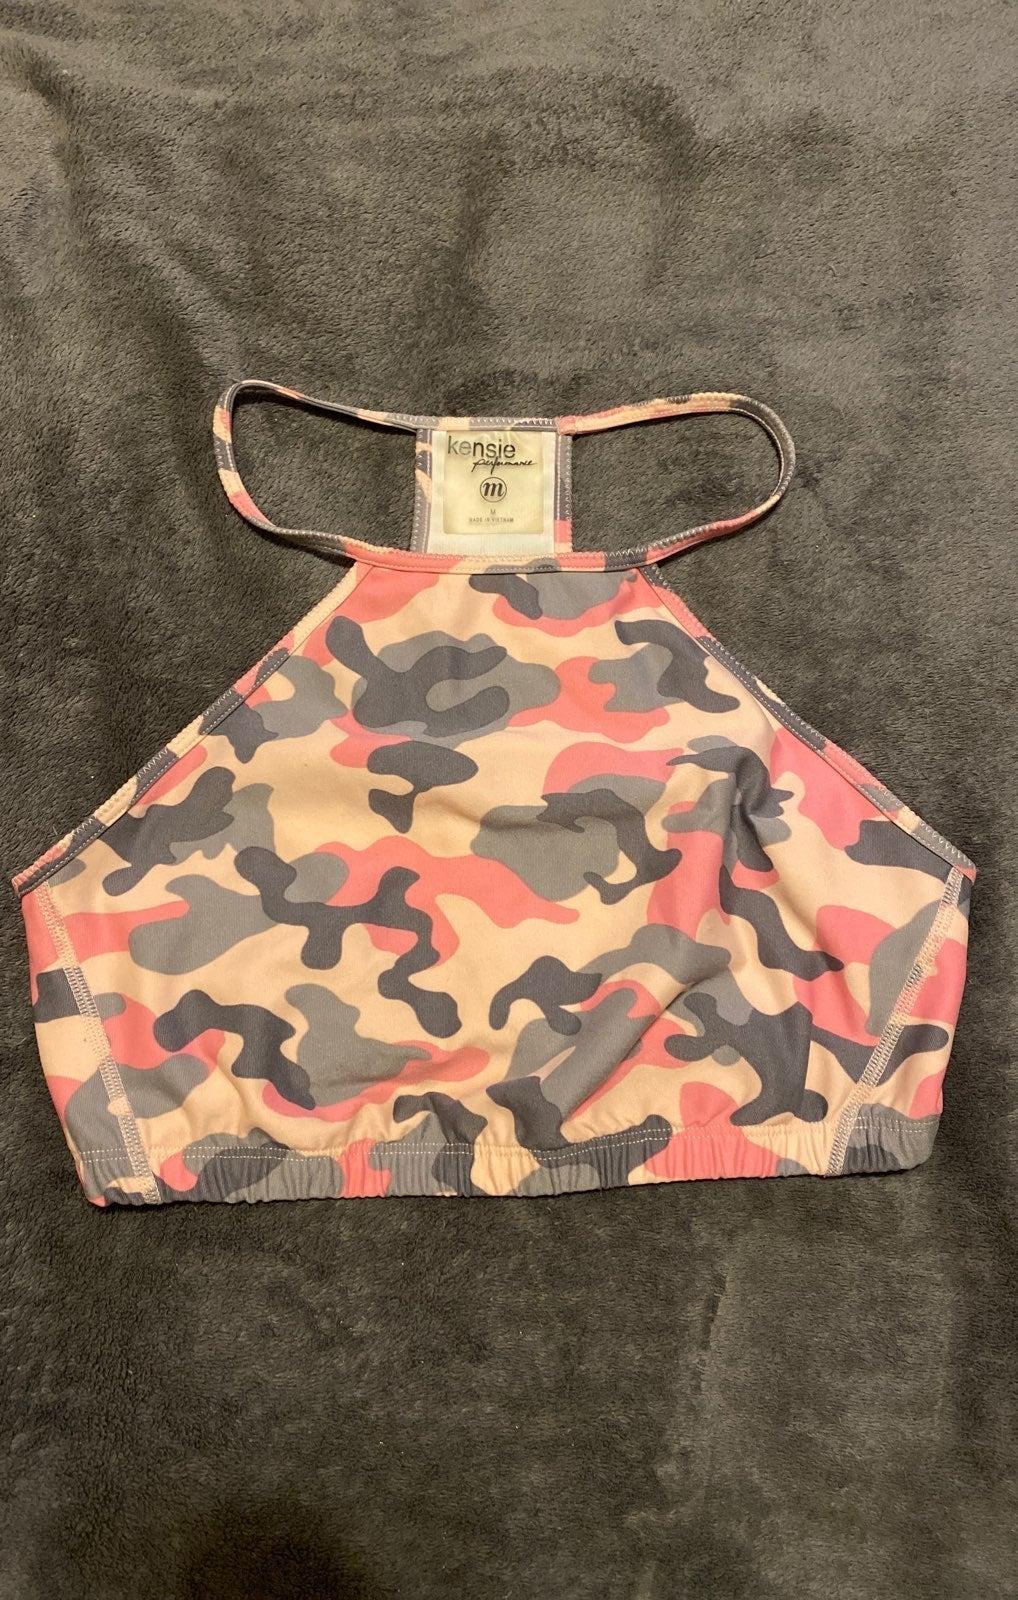 Kensie Medium Pink Camoflauge Top $40